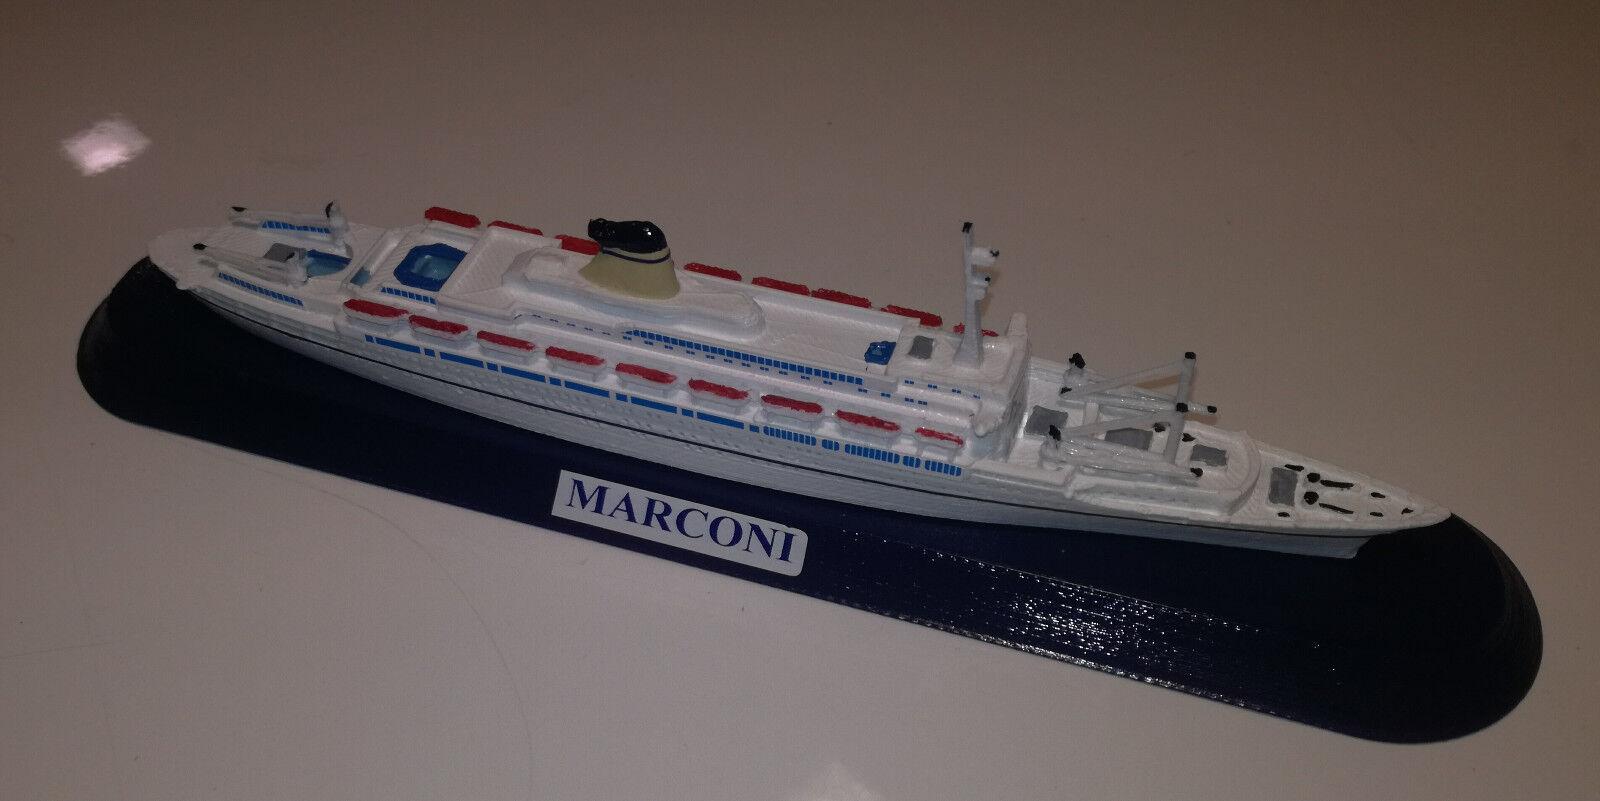 GUGLIELMO MARCONI , Lloyd Triestino , Italia Line , Costa model ship sc 1 1250